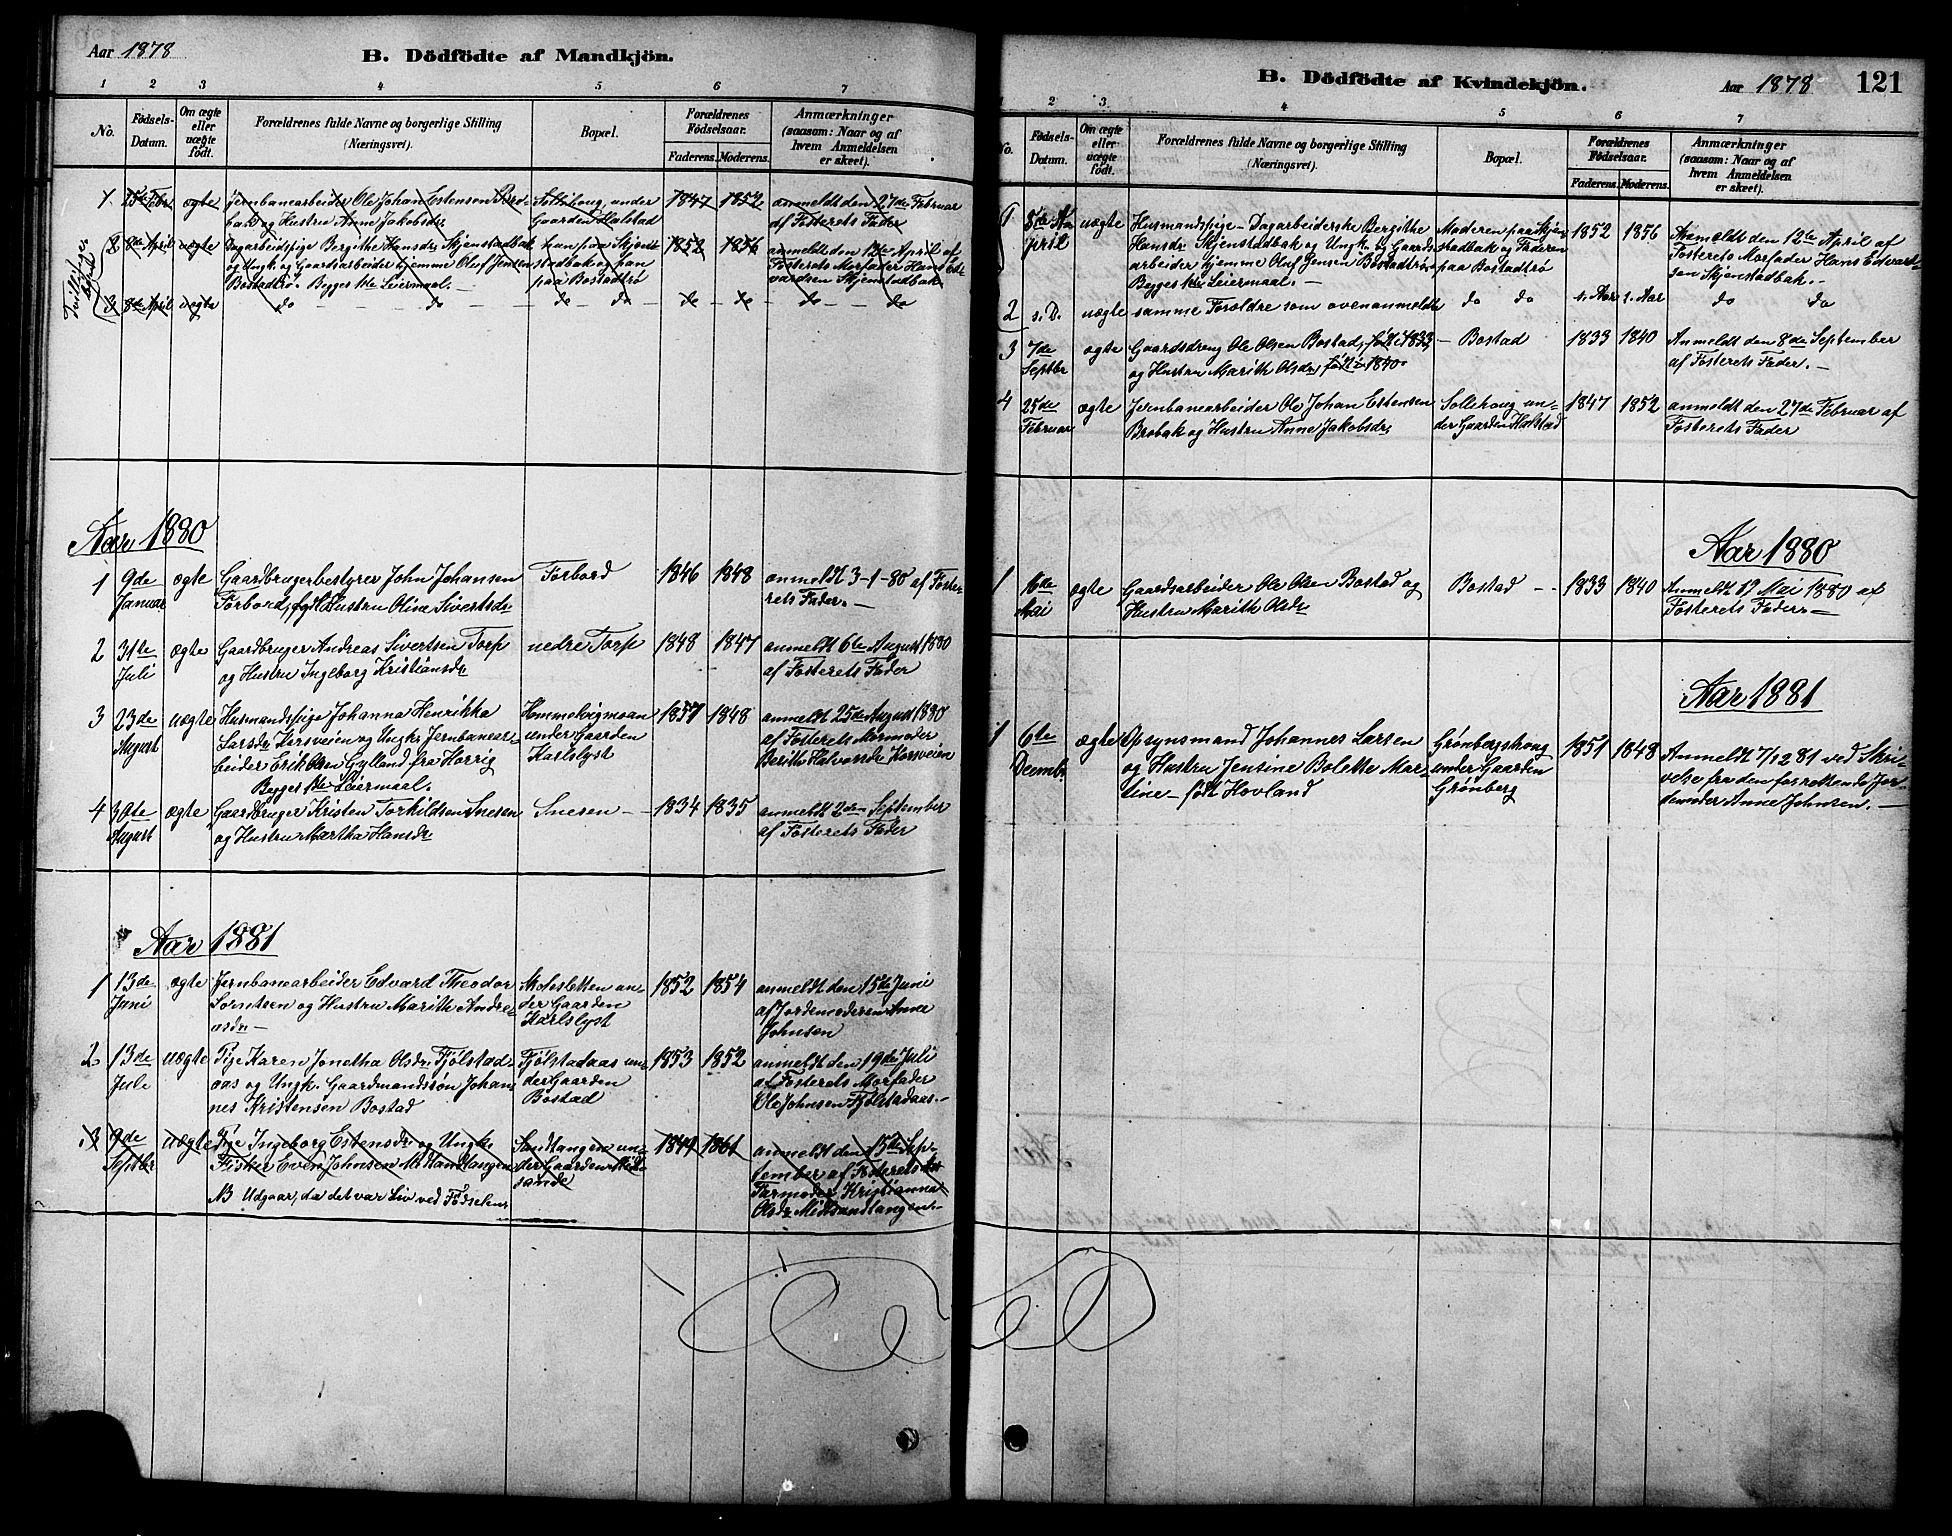 SAT, Ministerialprotokoller, klokkerbøker og fødselsregistre - Sør-Trøndelag, 616/L0423: Klokkerbok nr. 616C06, 1878-1903, s. 121